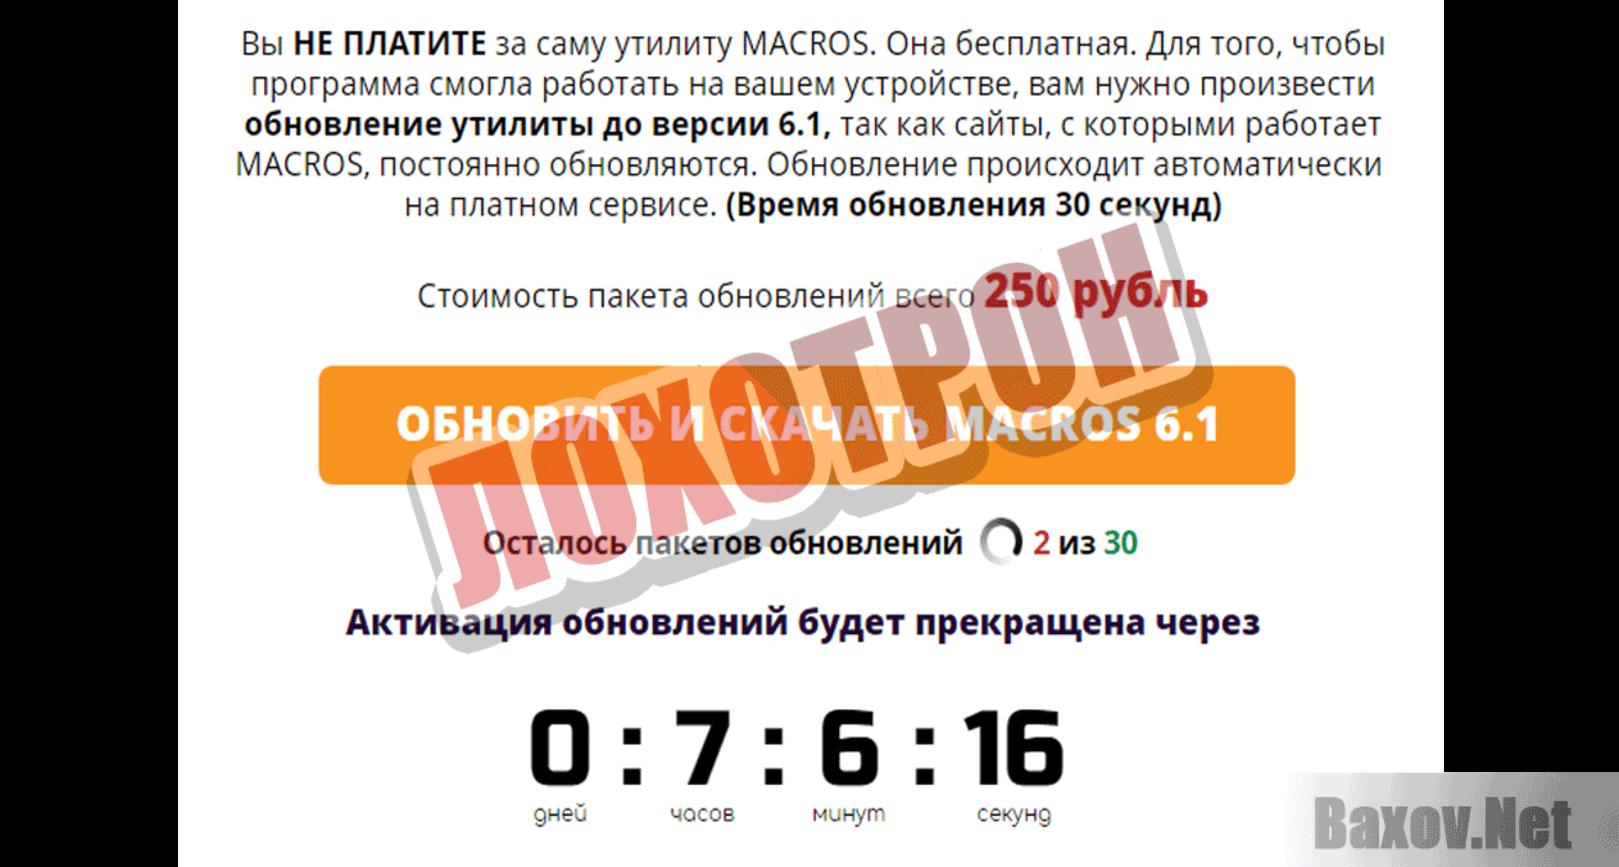 скачать бесплатно программу macros gtm 61